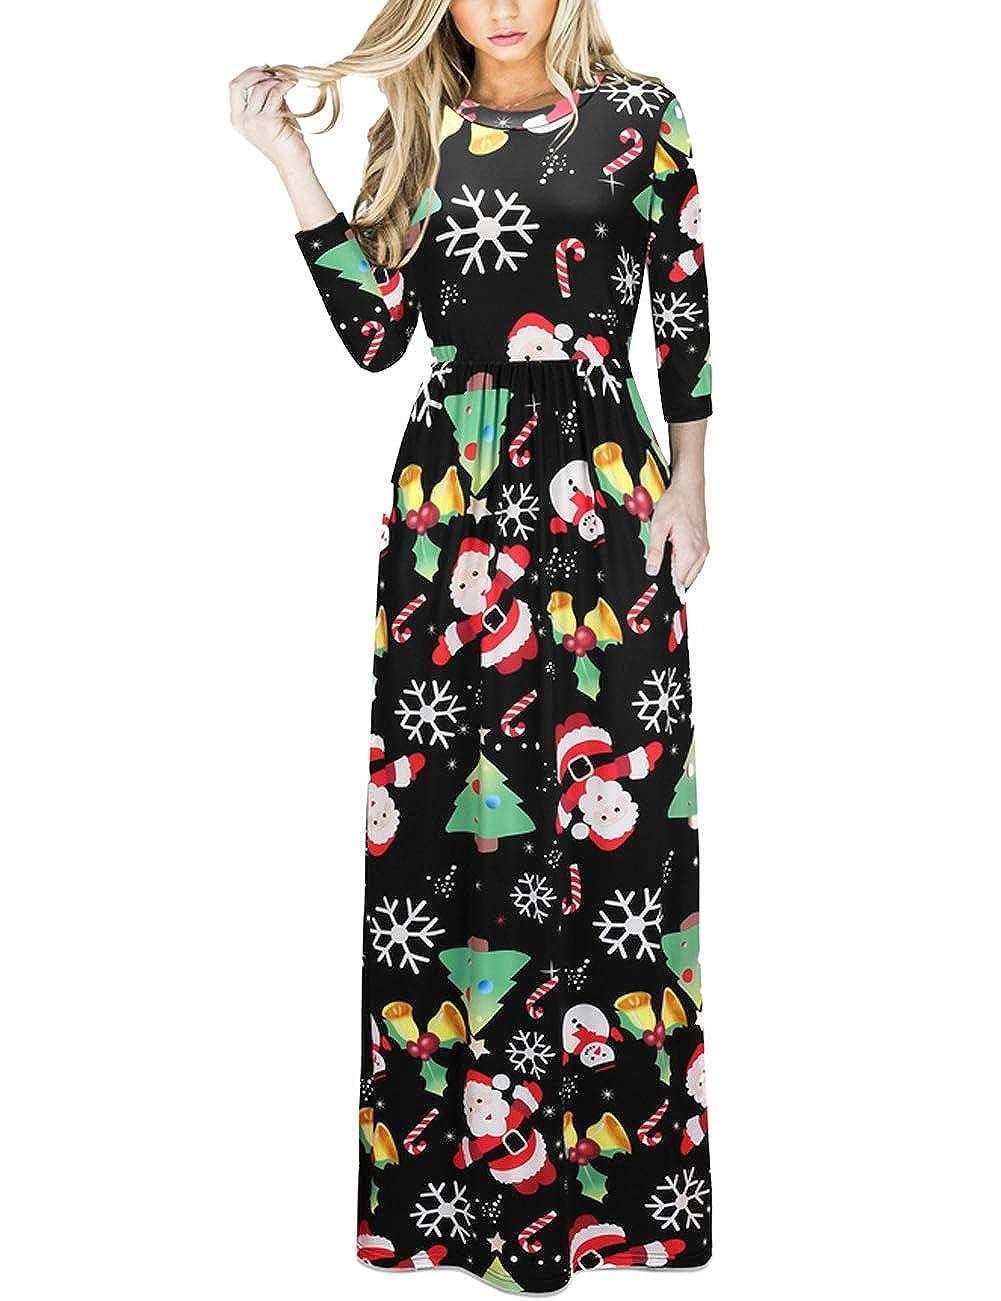 TALLA M=ES 40-42. FeelinGirl Mujeres Vestido Largo Estampado Floral de Fiesta Navidad Falda Maxi de Manga Larga Nochebuena Multicolor-05 M=ES 40-42